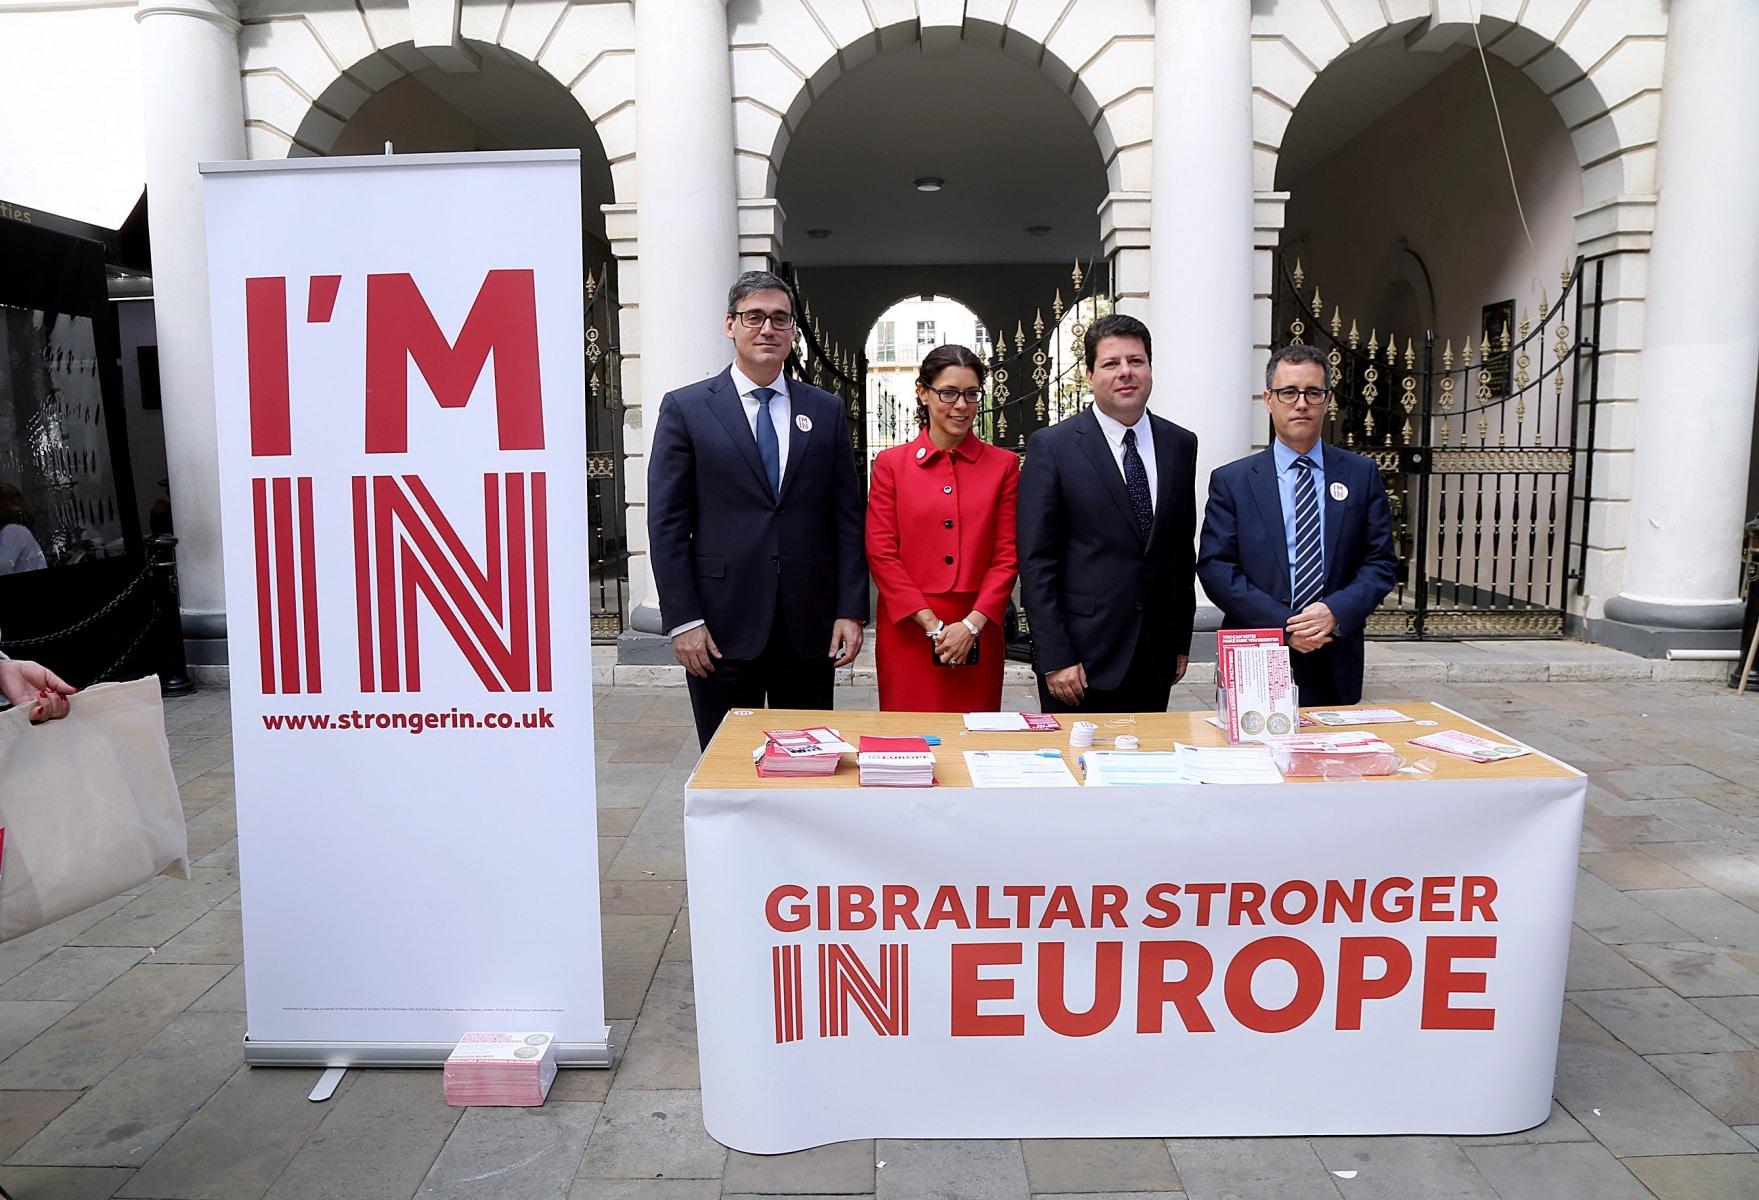 lanzamiento-de-la-campaa-gibraltar-stronger-in-europe_26321379471_o